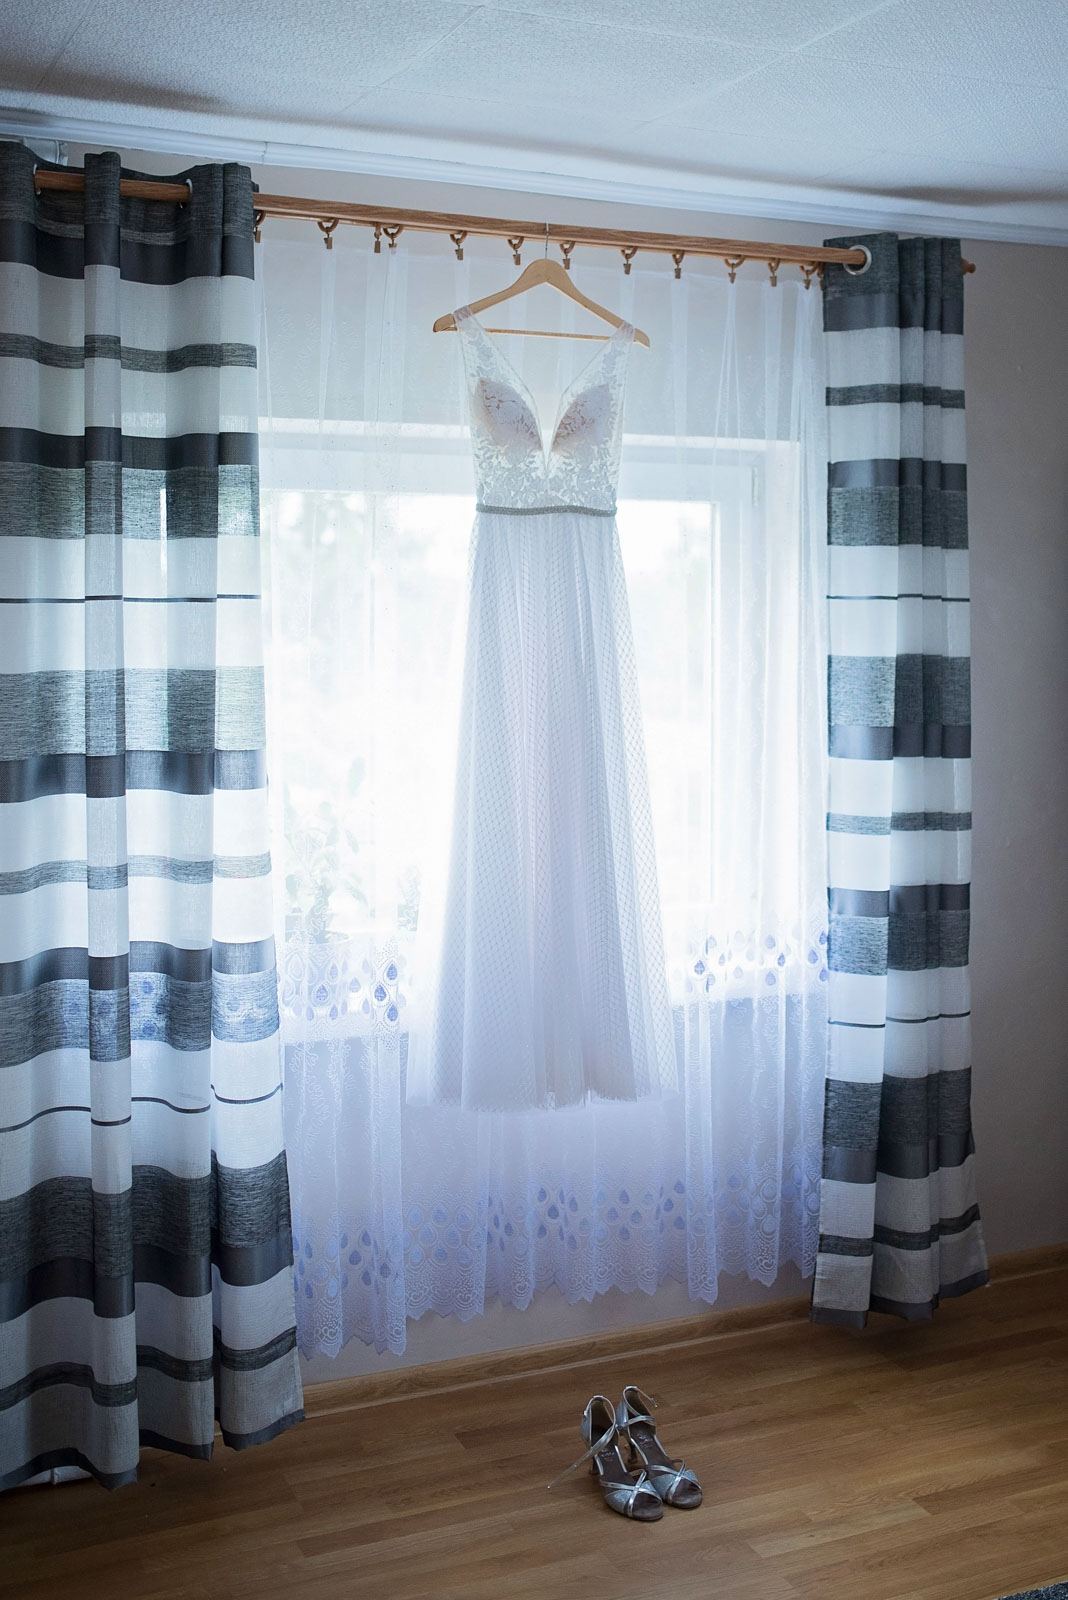 przygotowania-u-panny-mlodej-banie-mazurskie-wesele (1).jpg